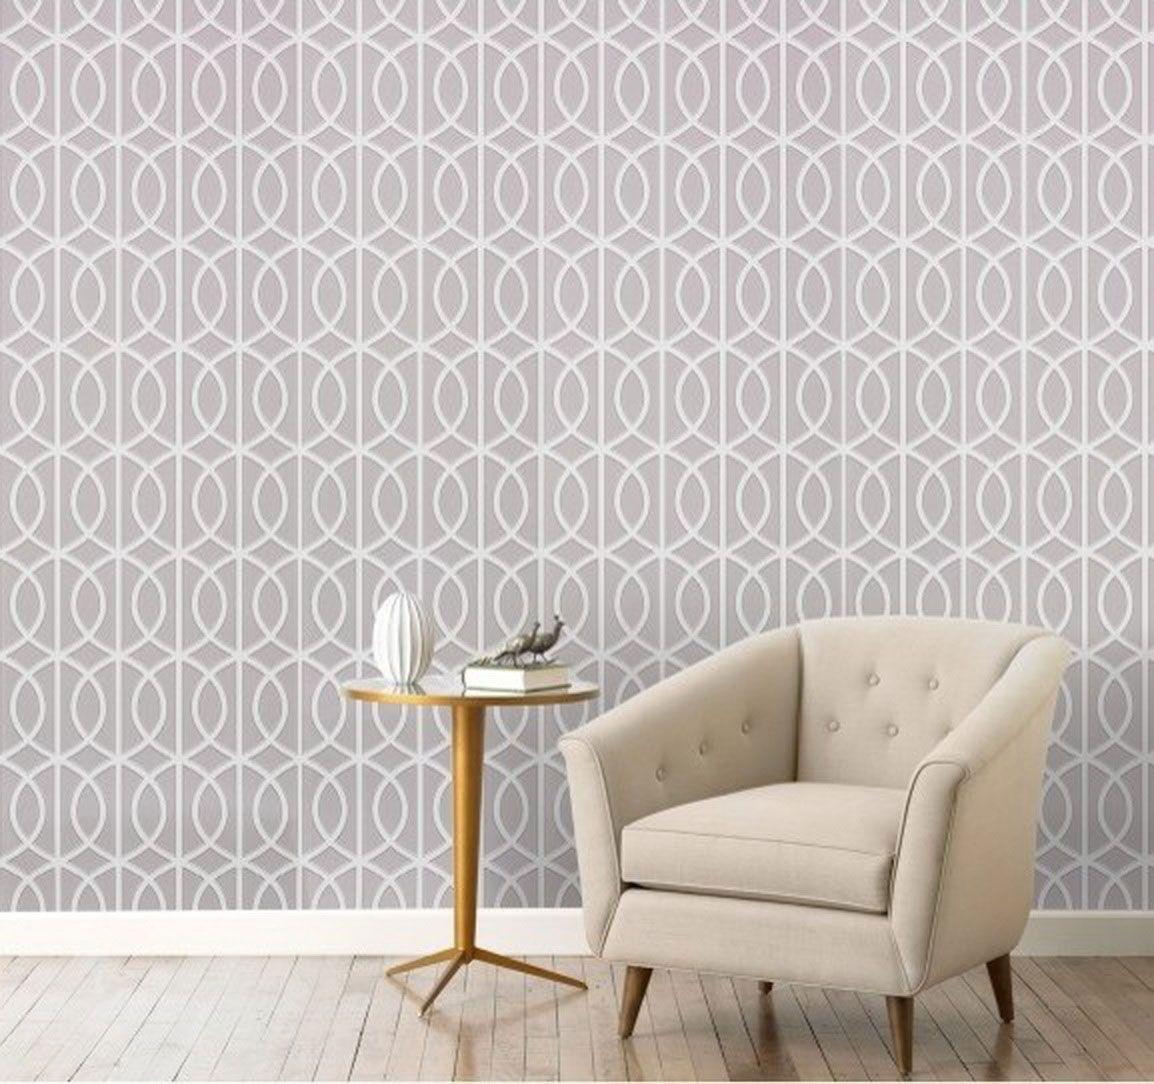 wallpaper ideas - Google Search | Wallpaper | Pinterest | Wallpaper ...